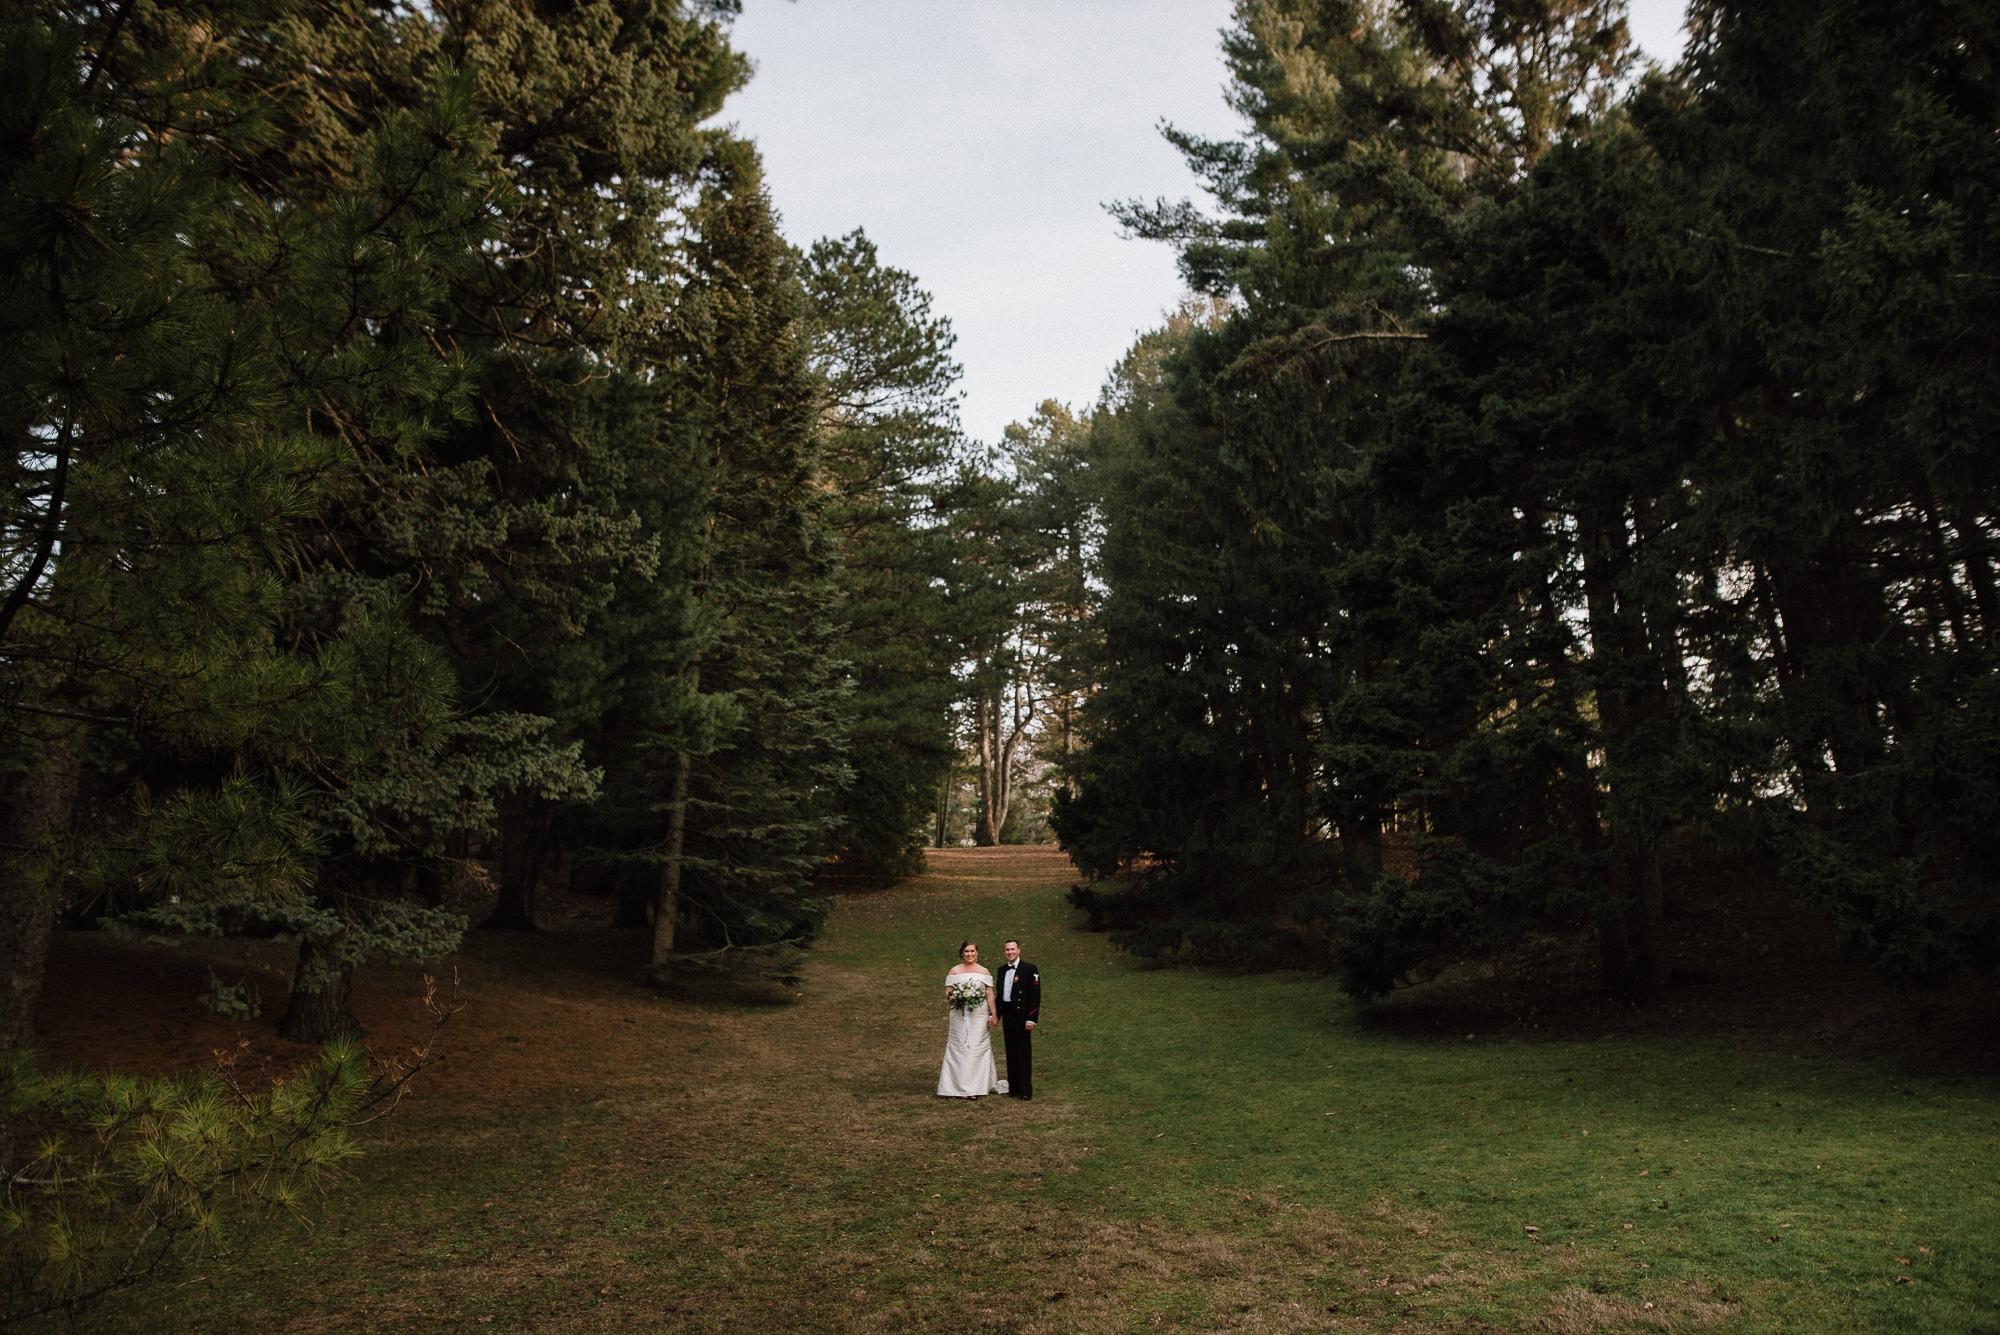 Wedding Photo in Highland Park, Photo by Matt Lim